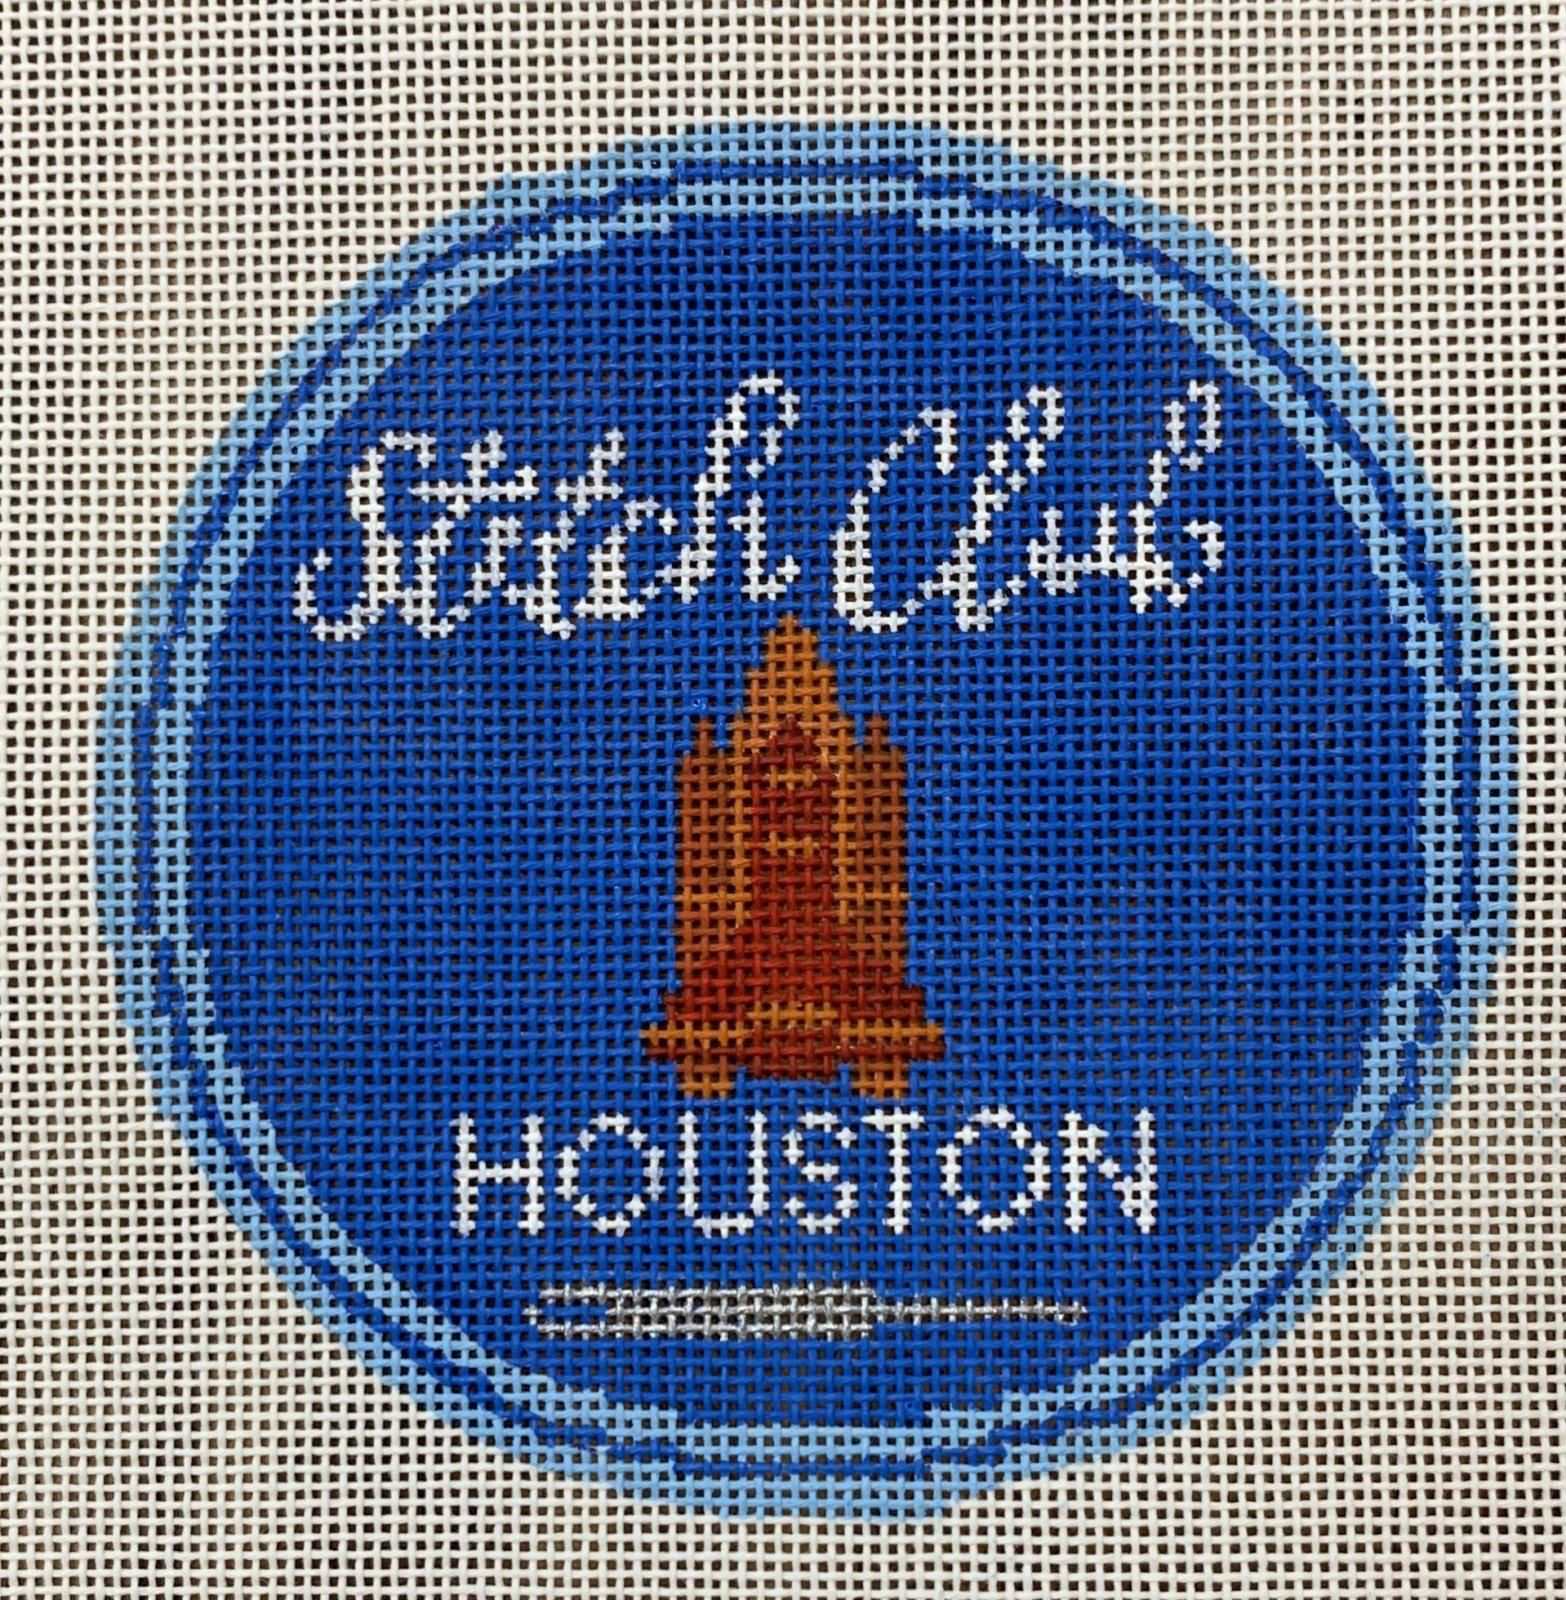 LL149 Stitch Club Houston